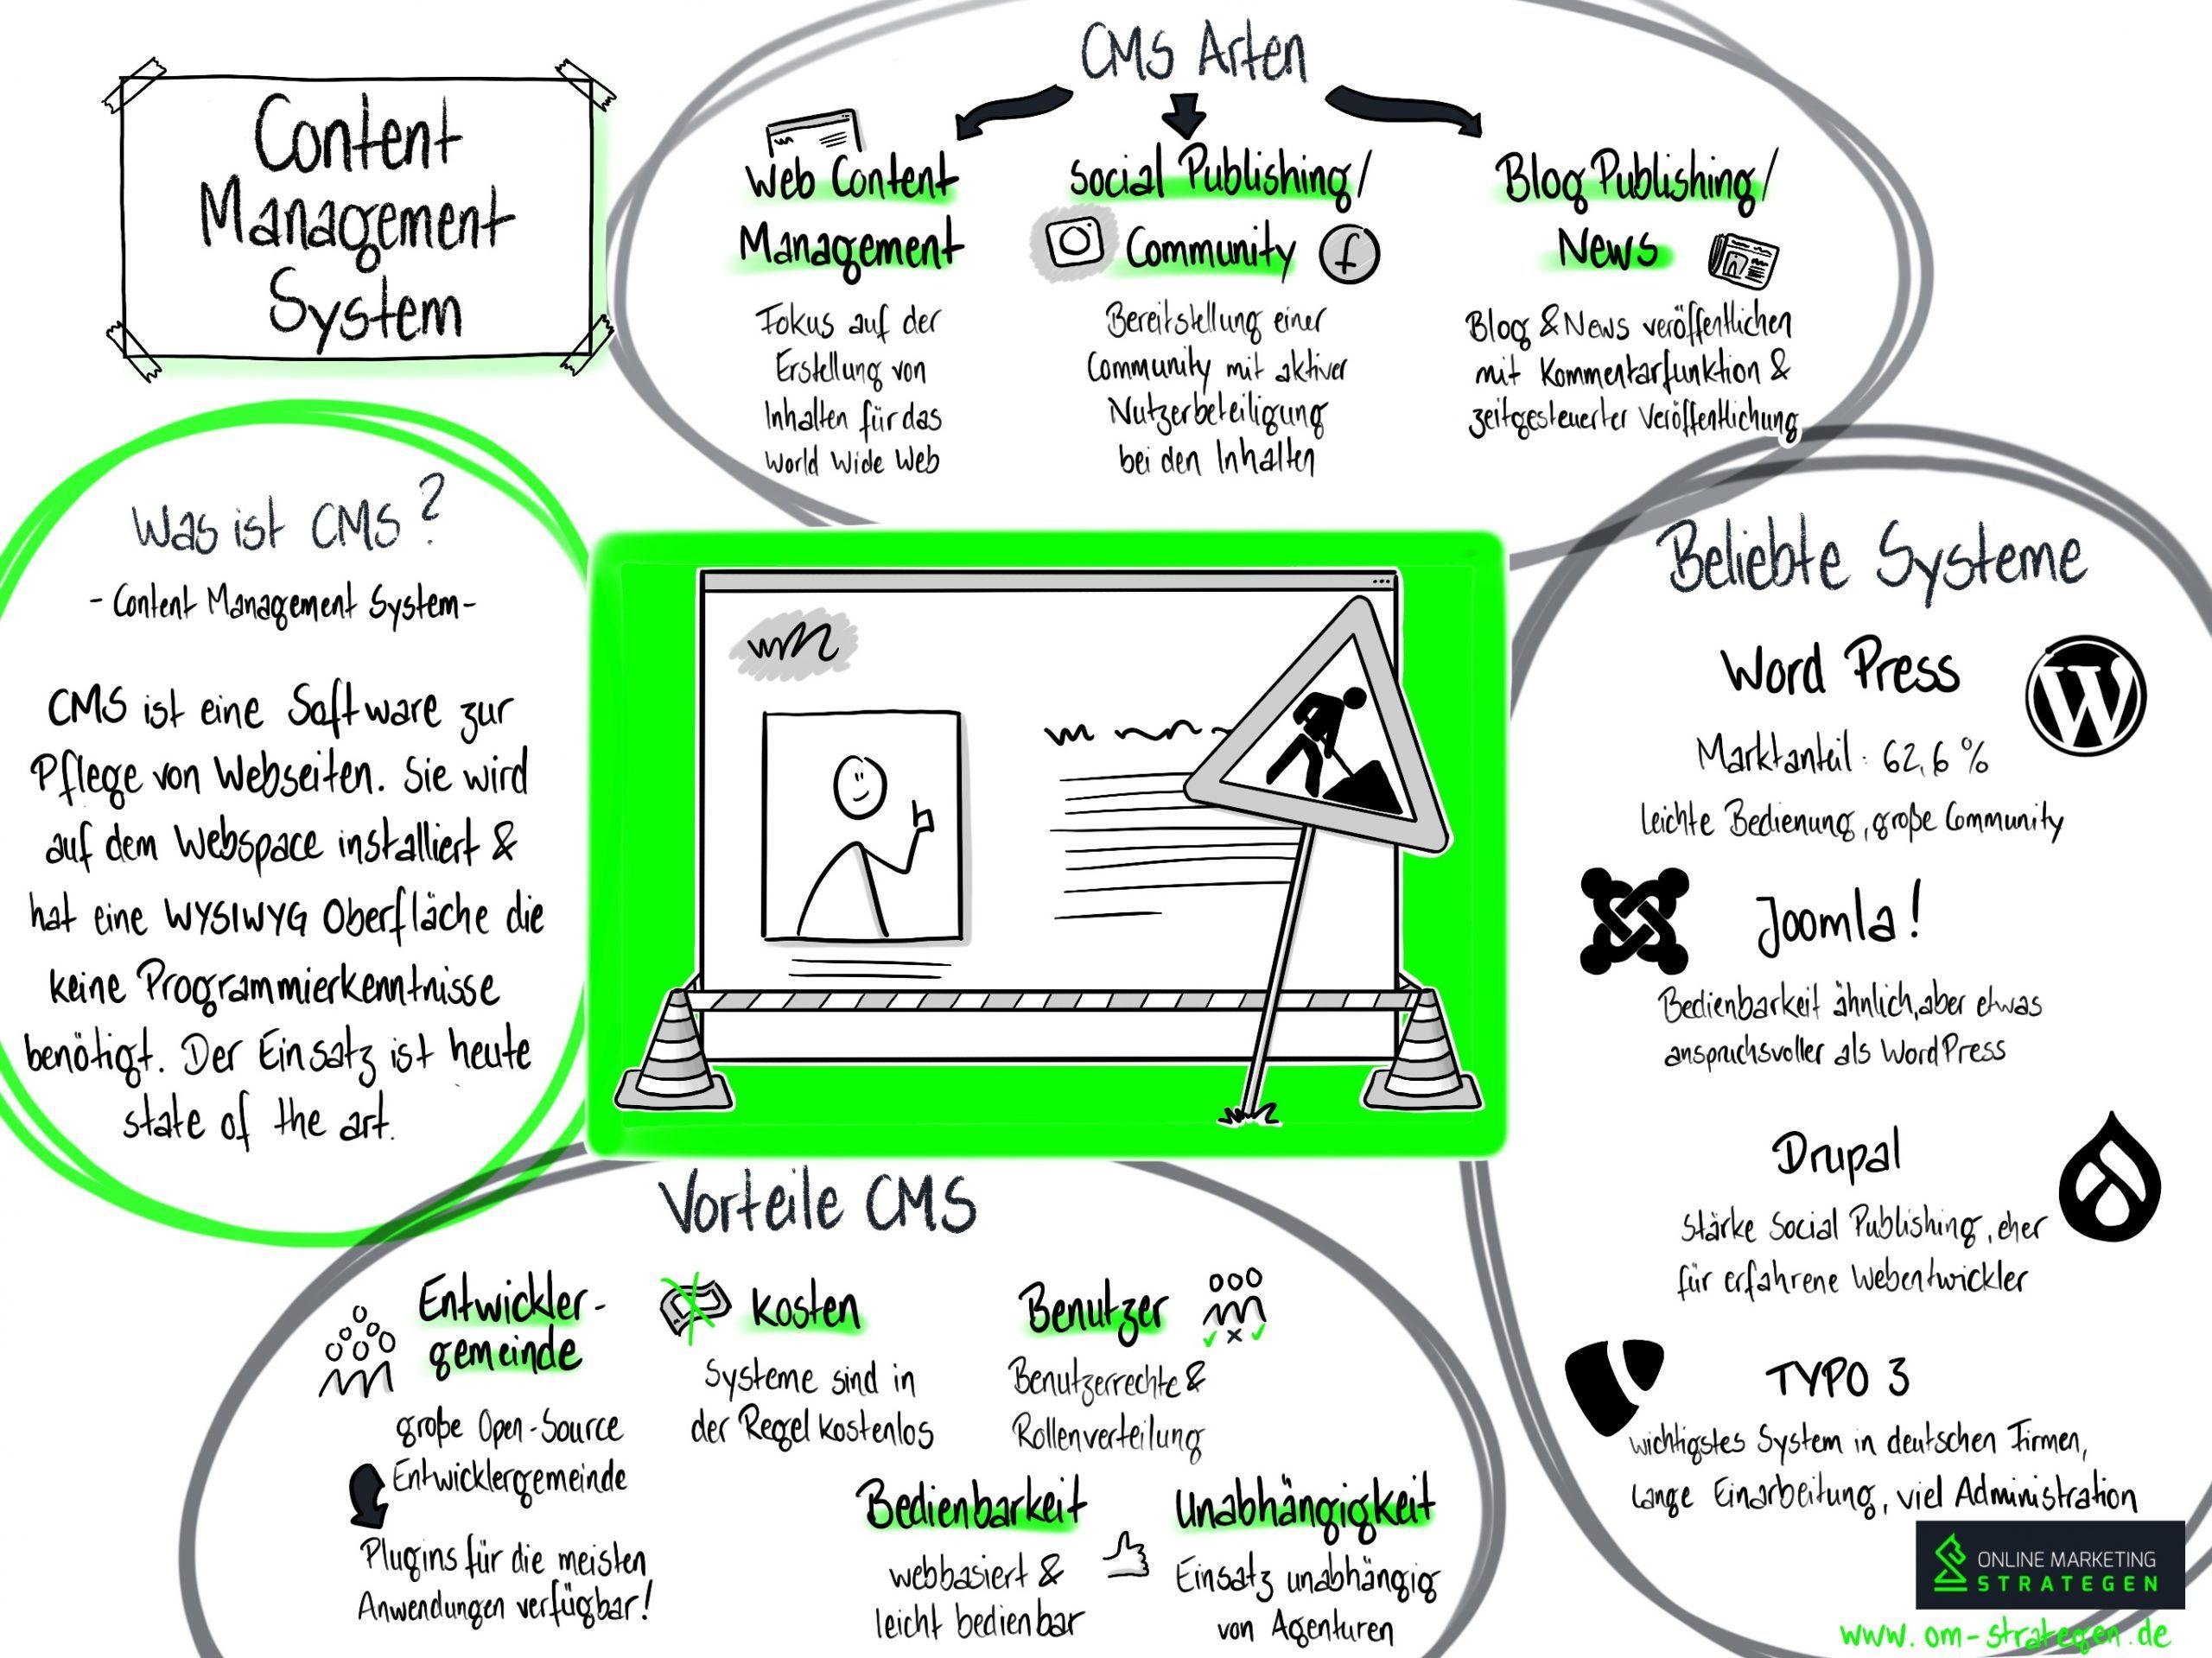 Content-Management-Systeme Infografik